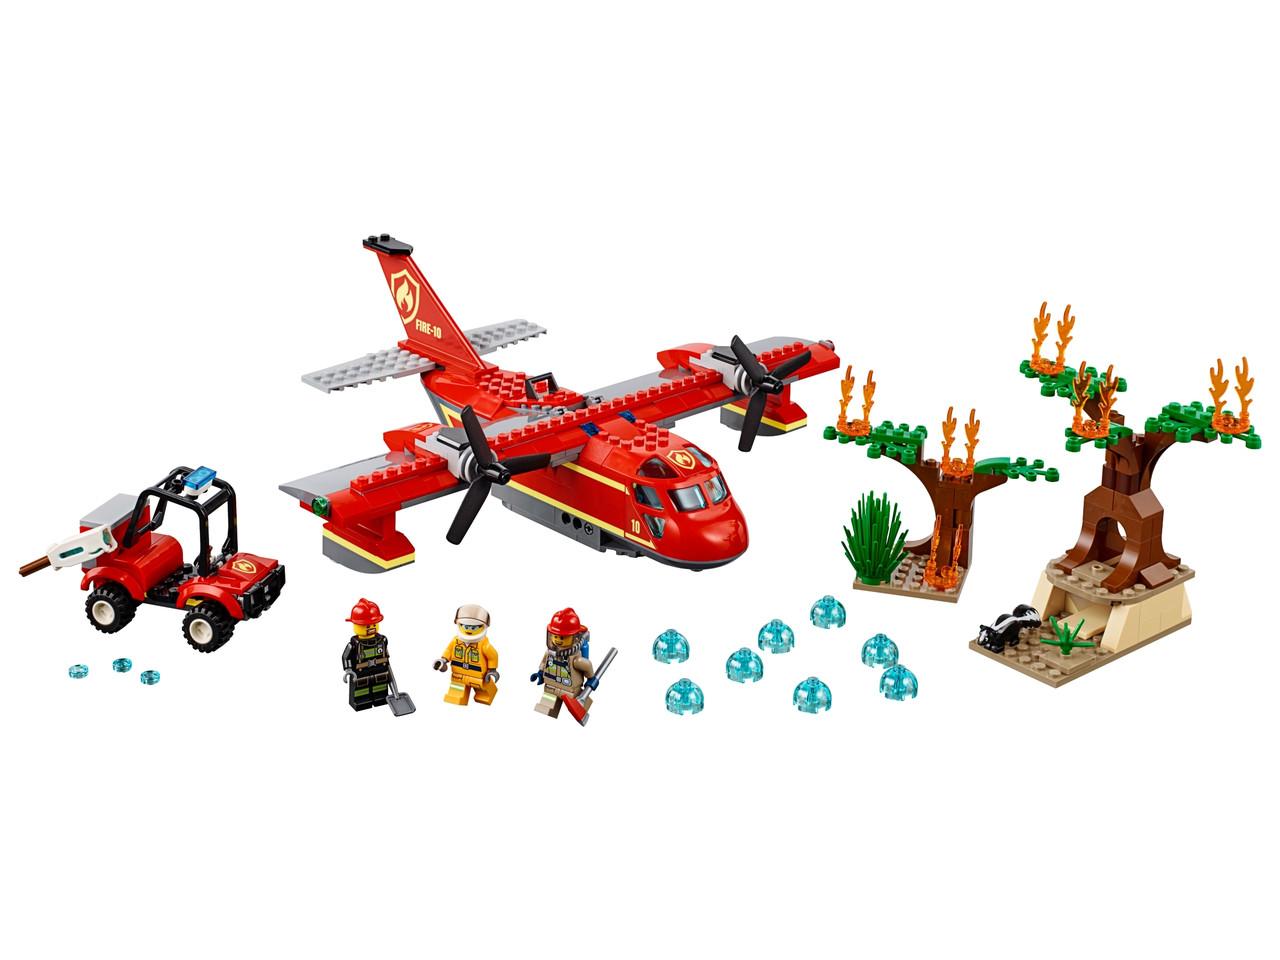 Конструктор LEGO Пожарный самолет 363 деталей (60217)